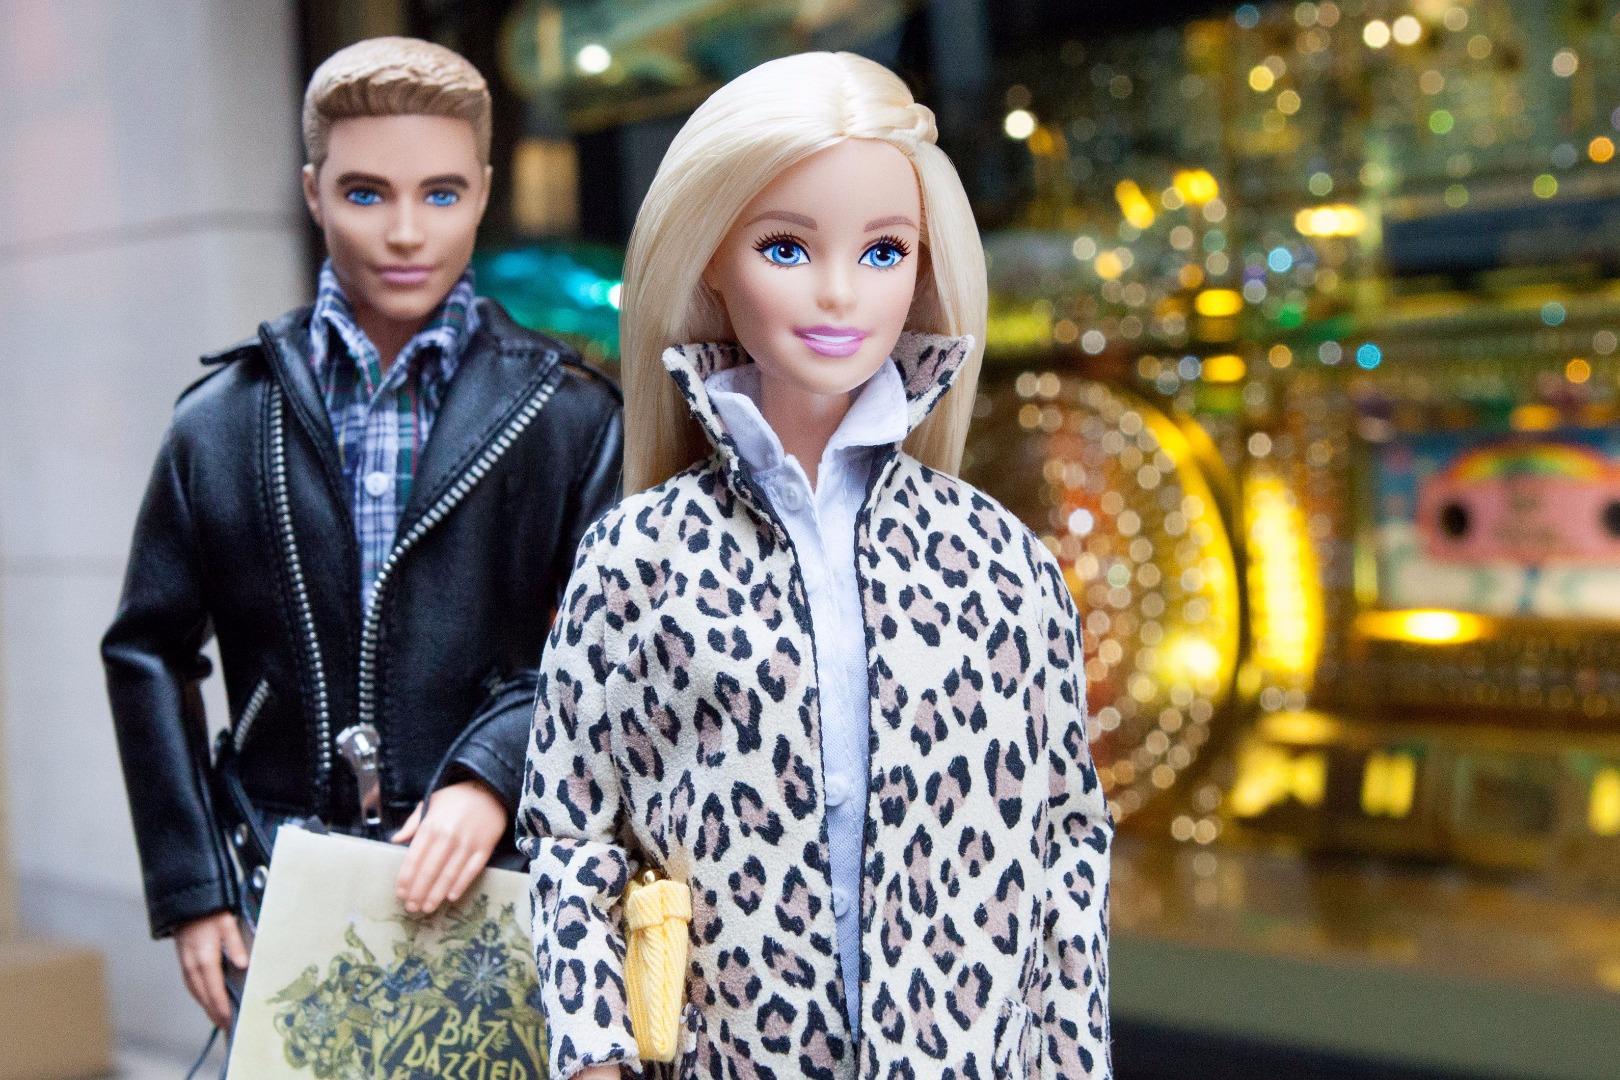 """เมื่อ """"ตุ๊กตาบาร์บี้' กลายเป็น ไอคอนสาว ที่มีคนติดตามกว่าล้านคน"""